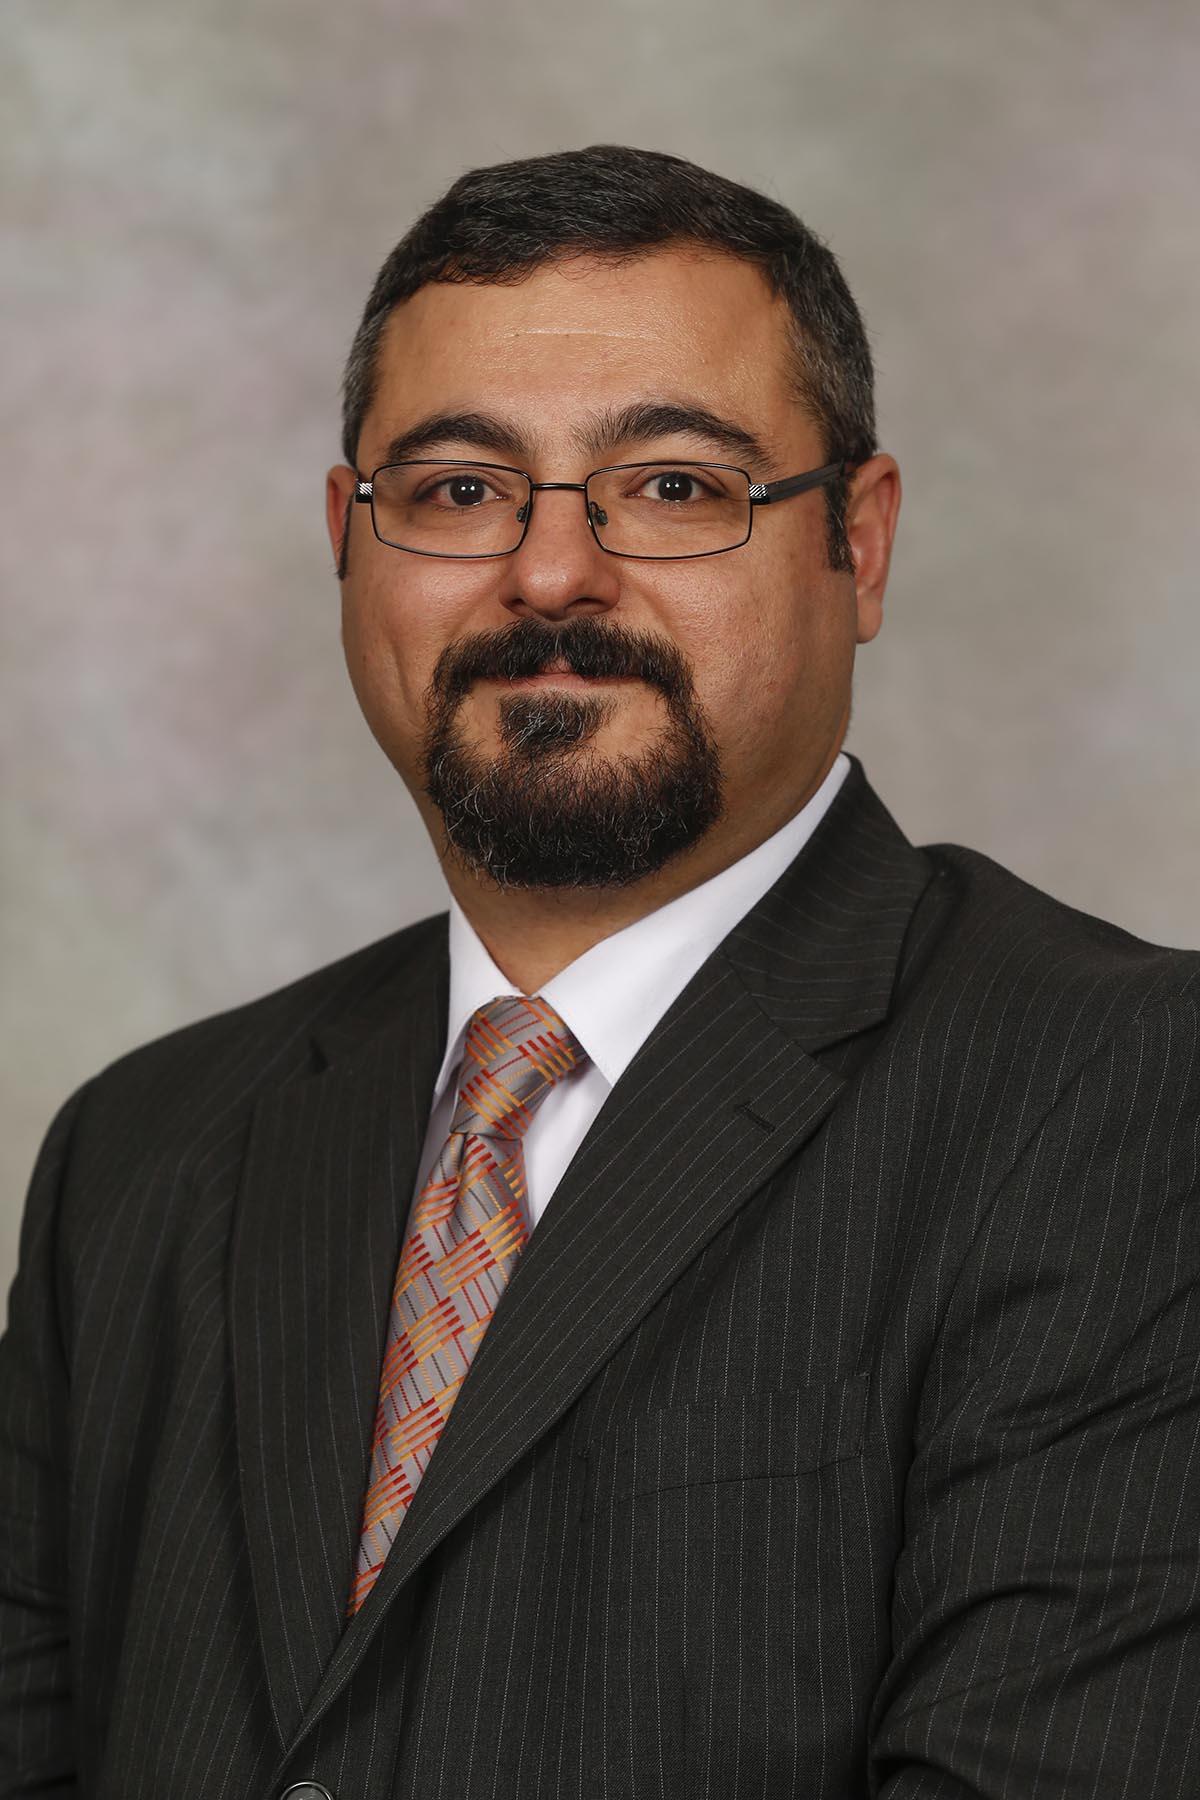 New Faculty Spotlight: Dr. Nebil Buyurgan